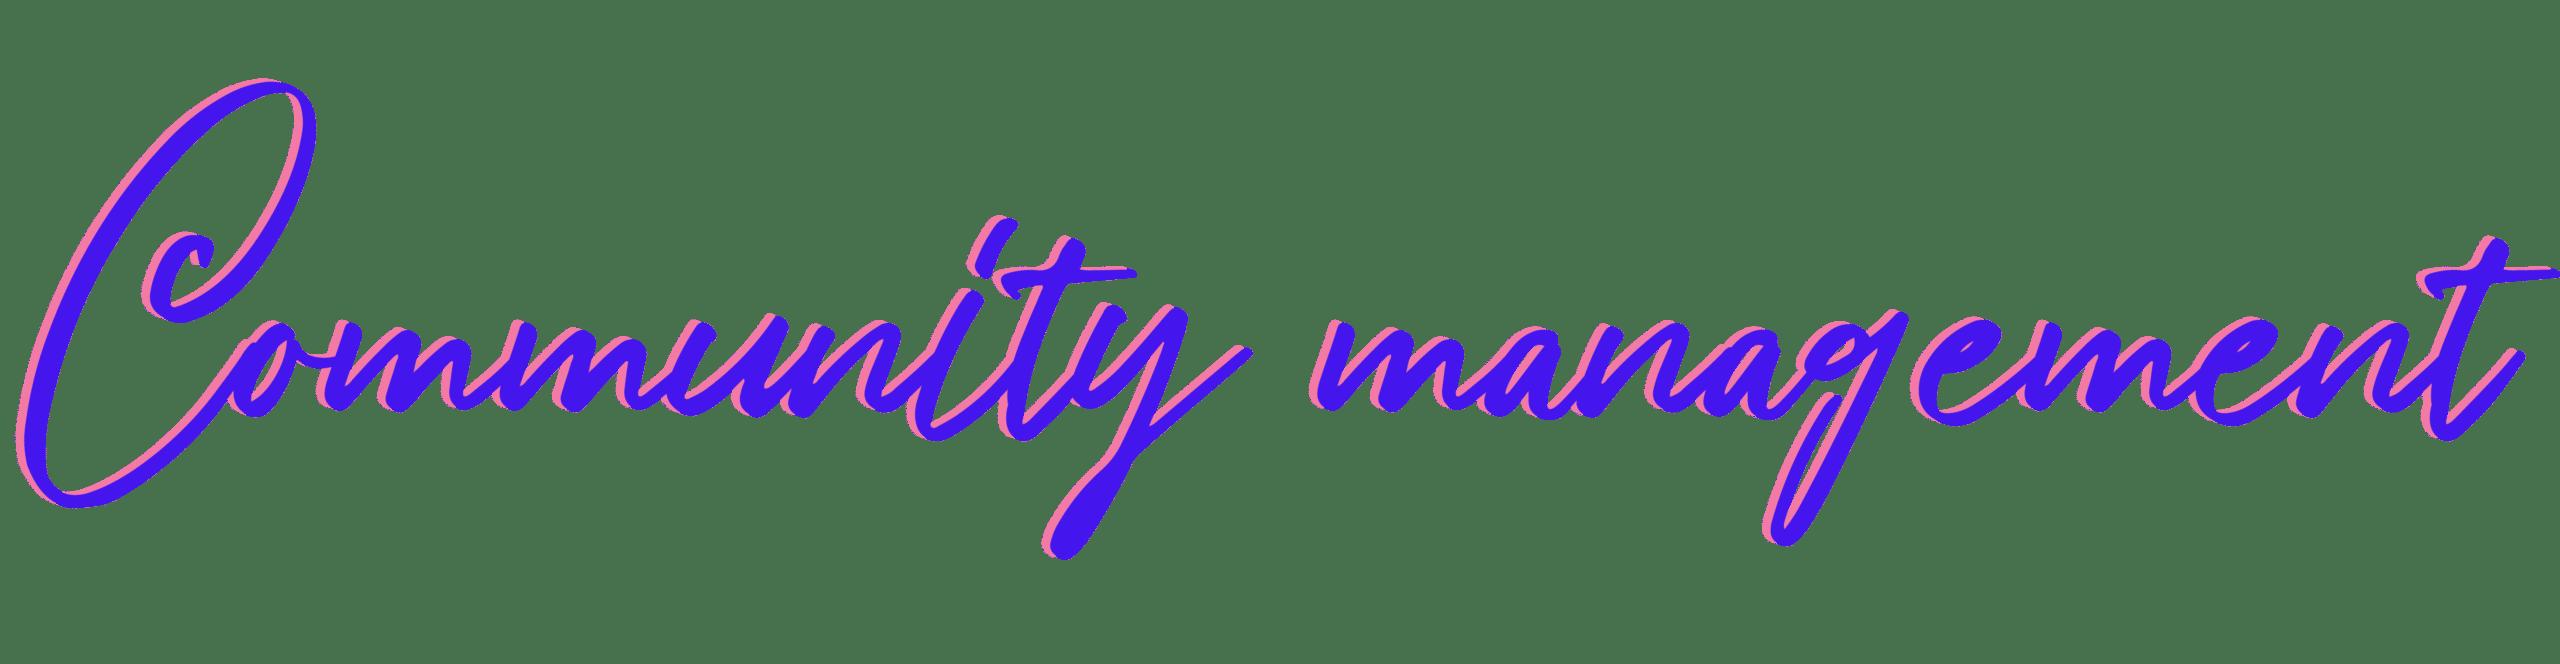 Élise basset community management